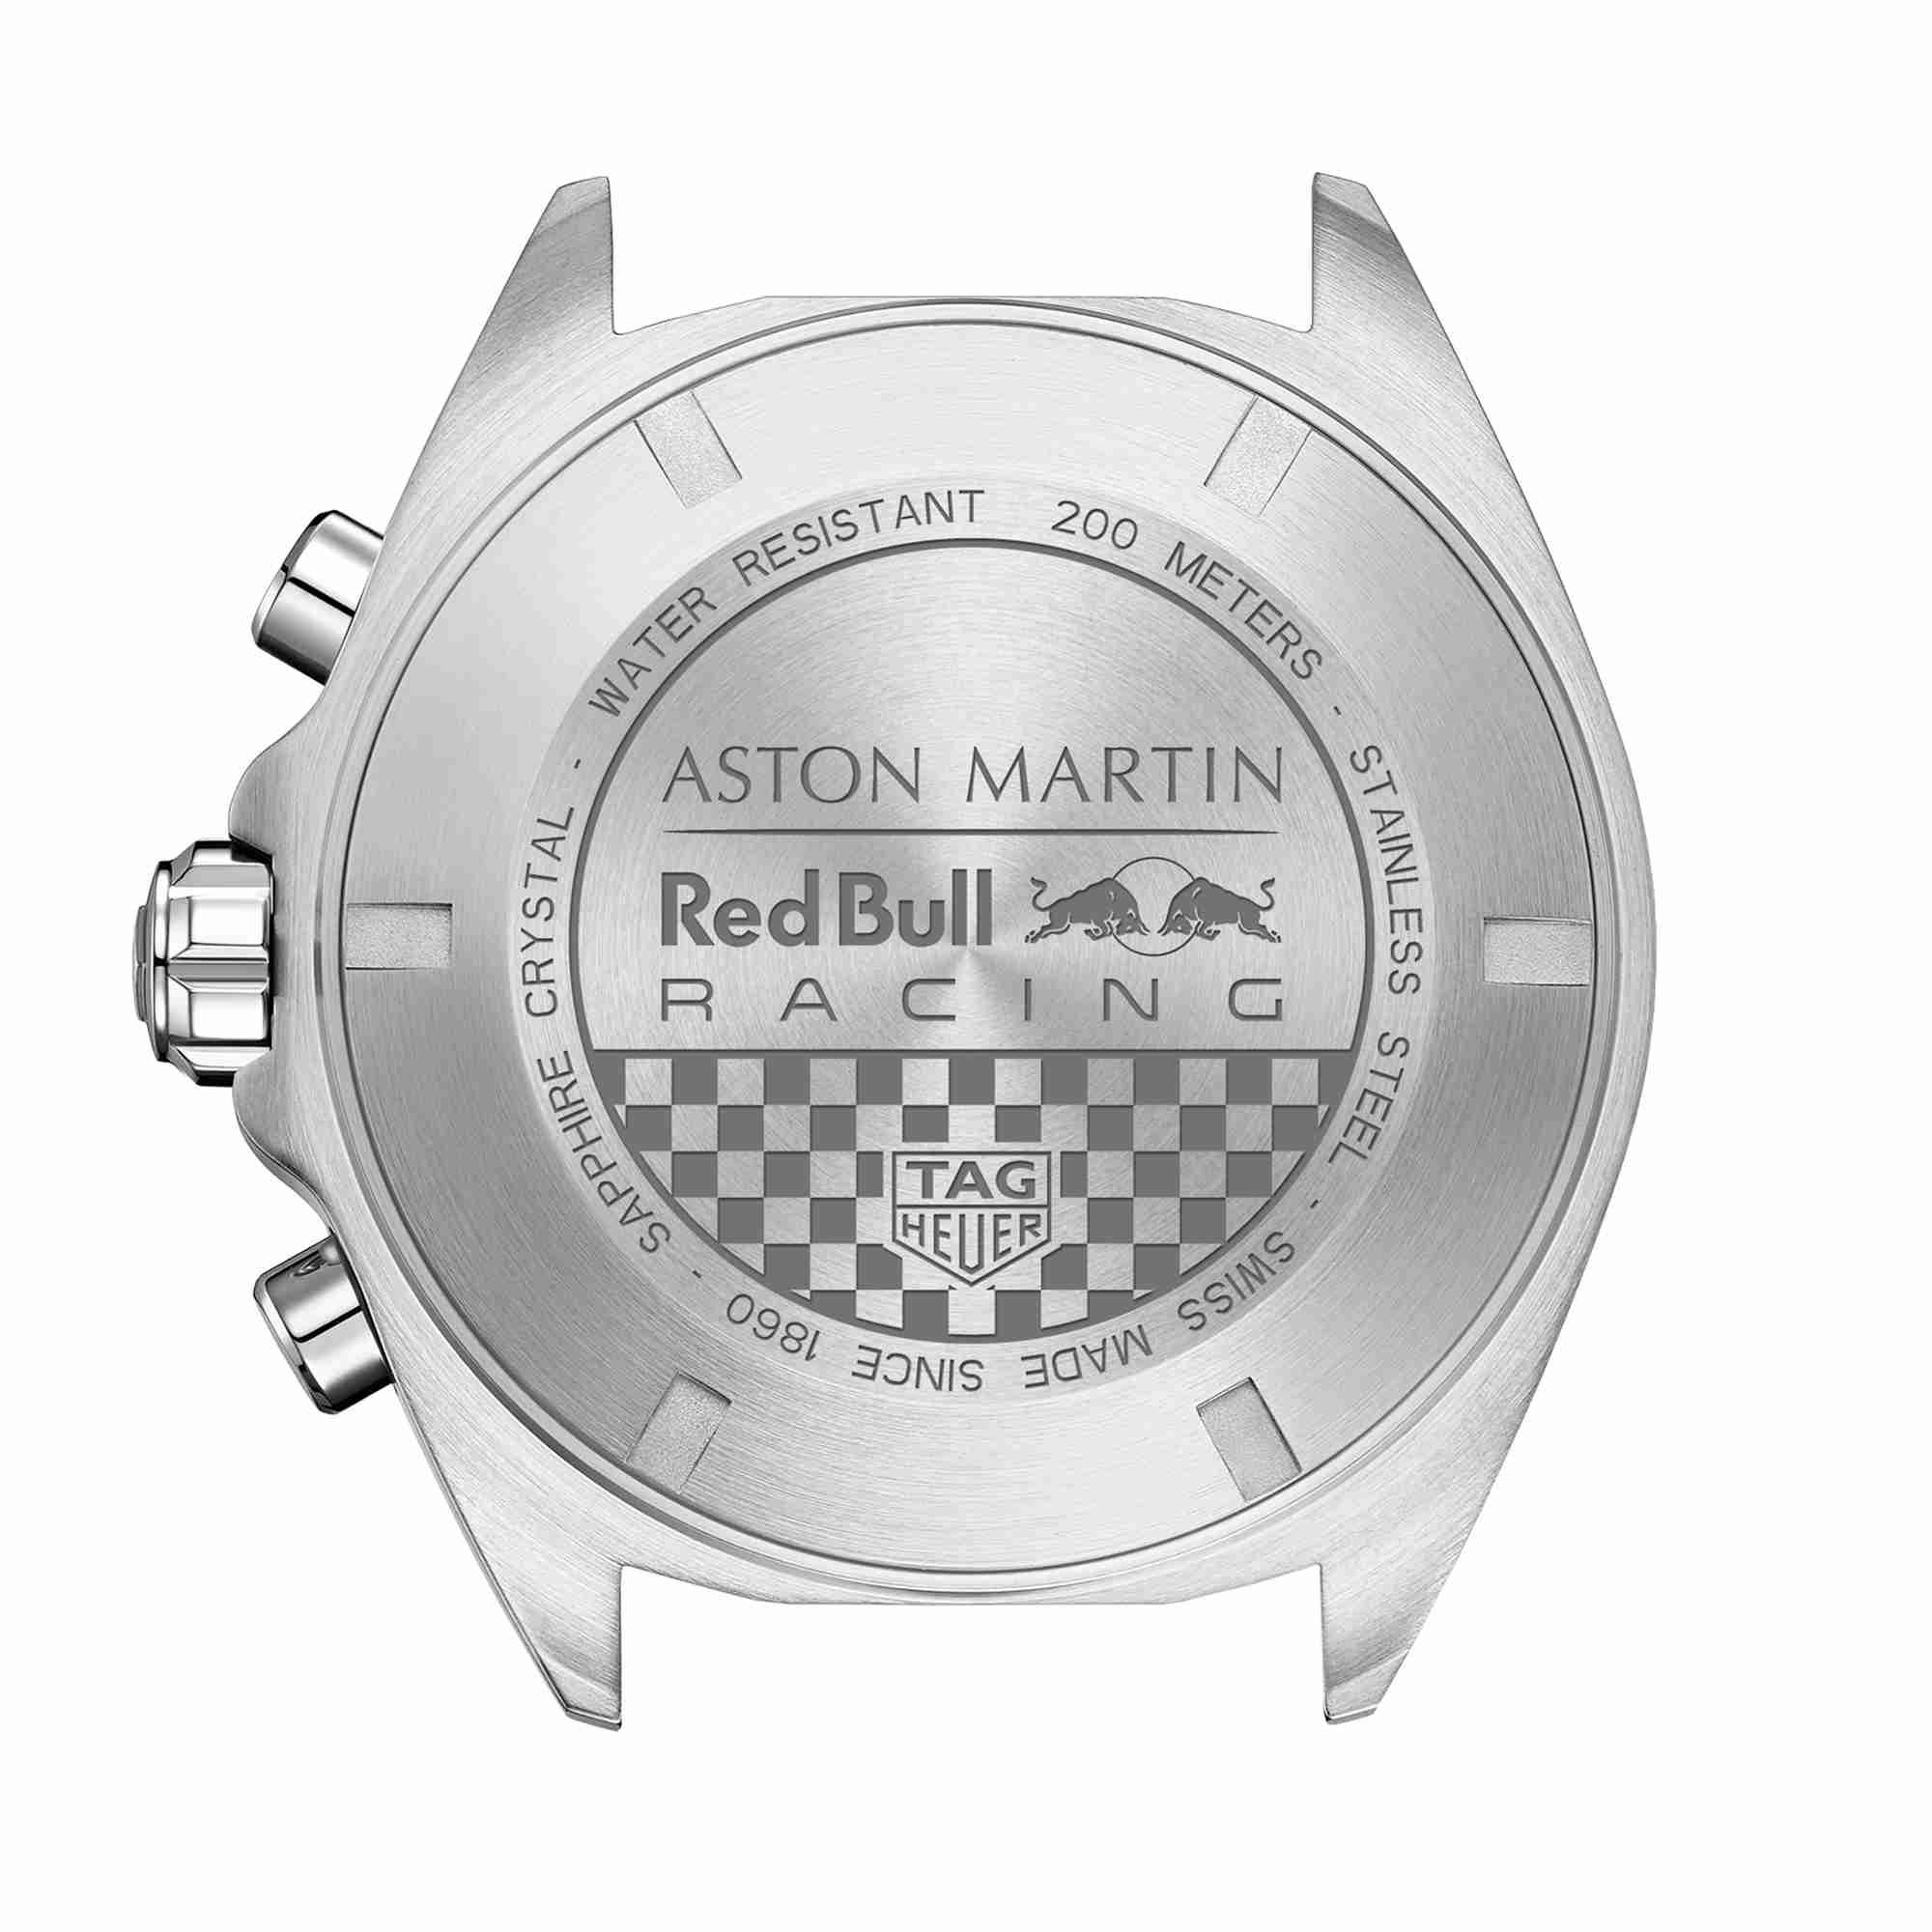 泰格豪雅推出全新F1系列计时码表, 庆祝与阿斯顿·马丁红牛车队长期合作伙伴关系